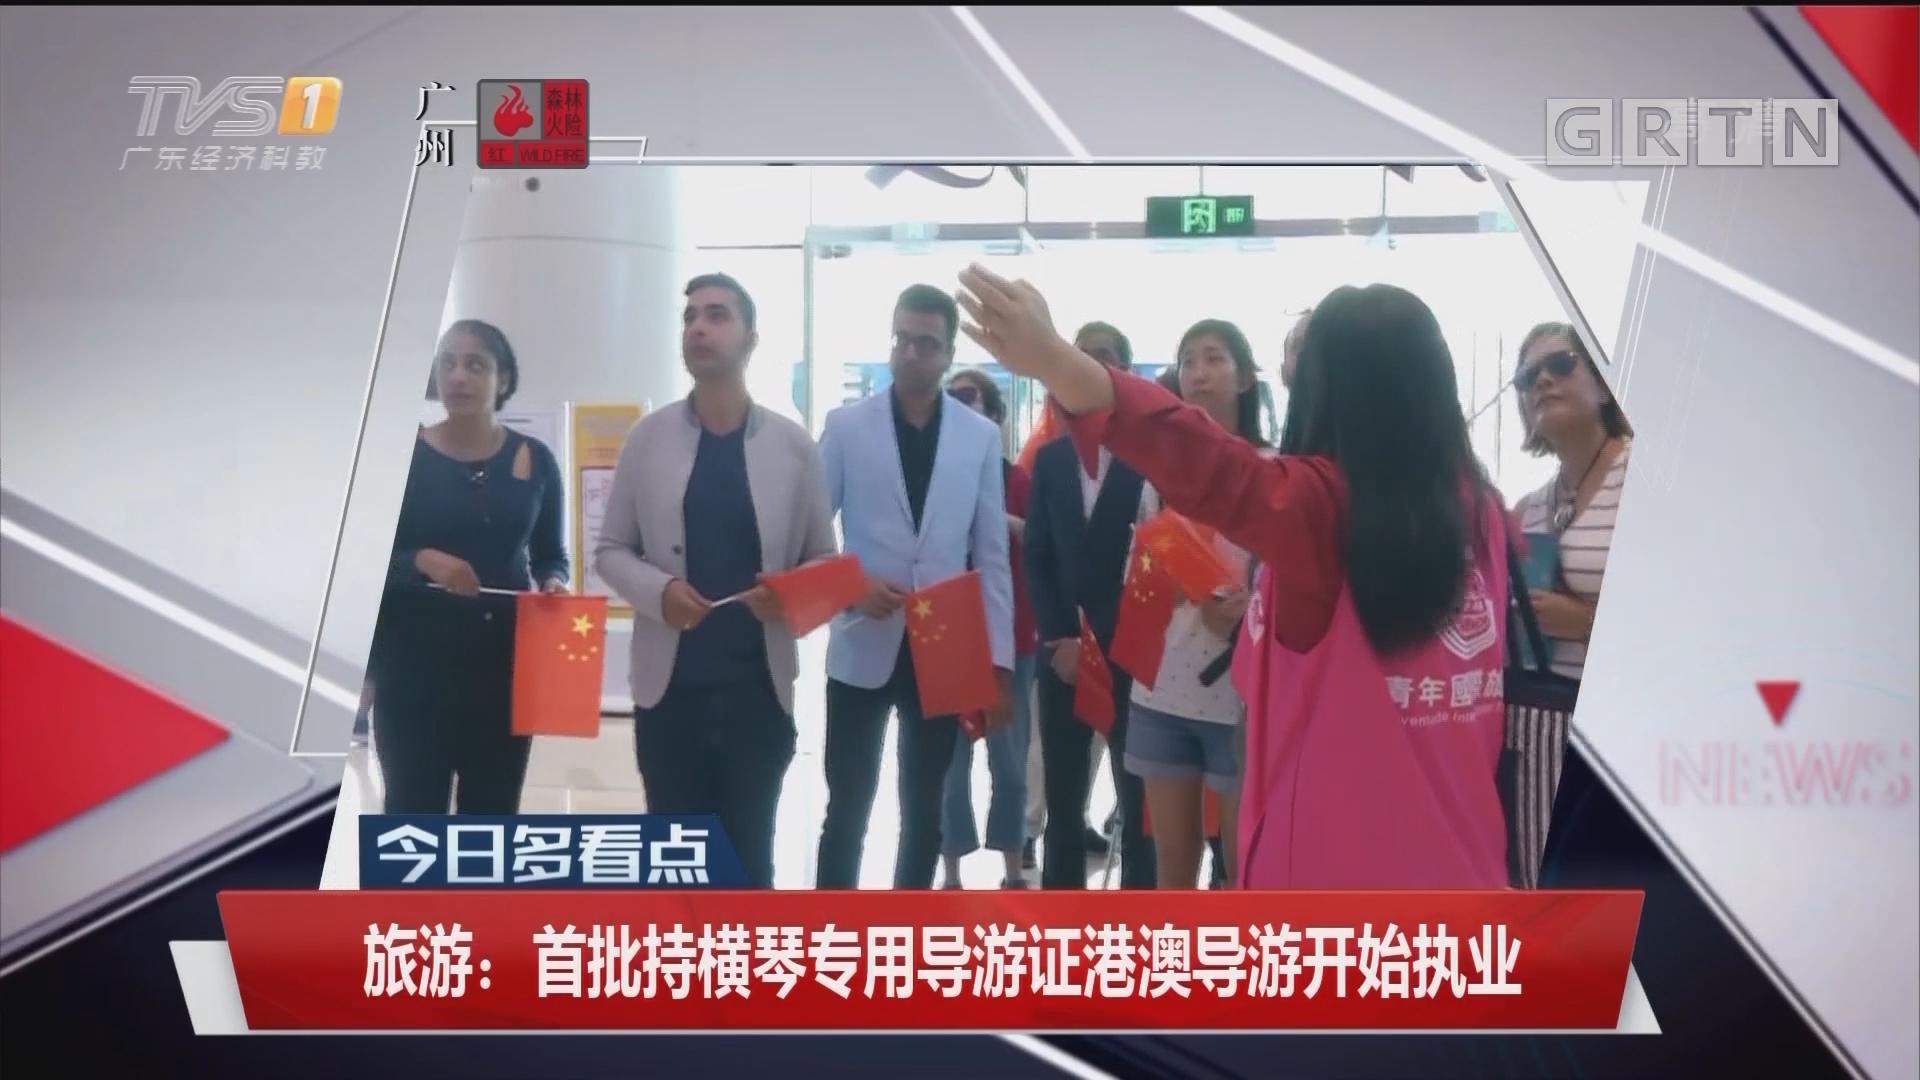 旅游:首批持横琴专用导游证港澳导游开始执业